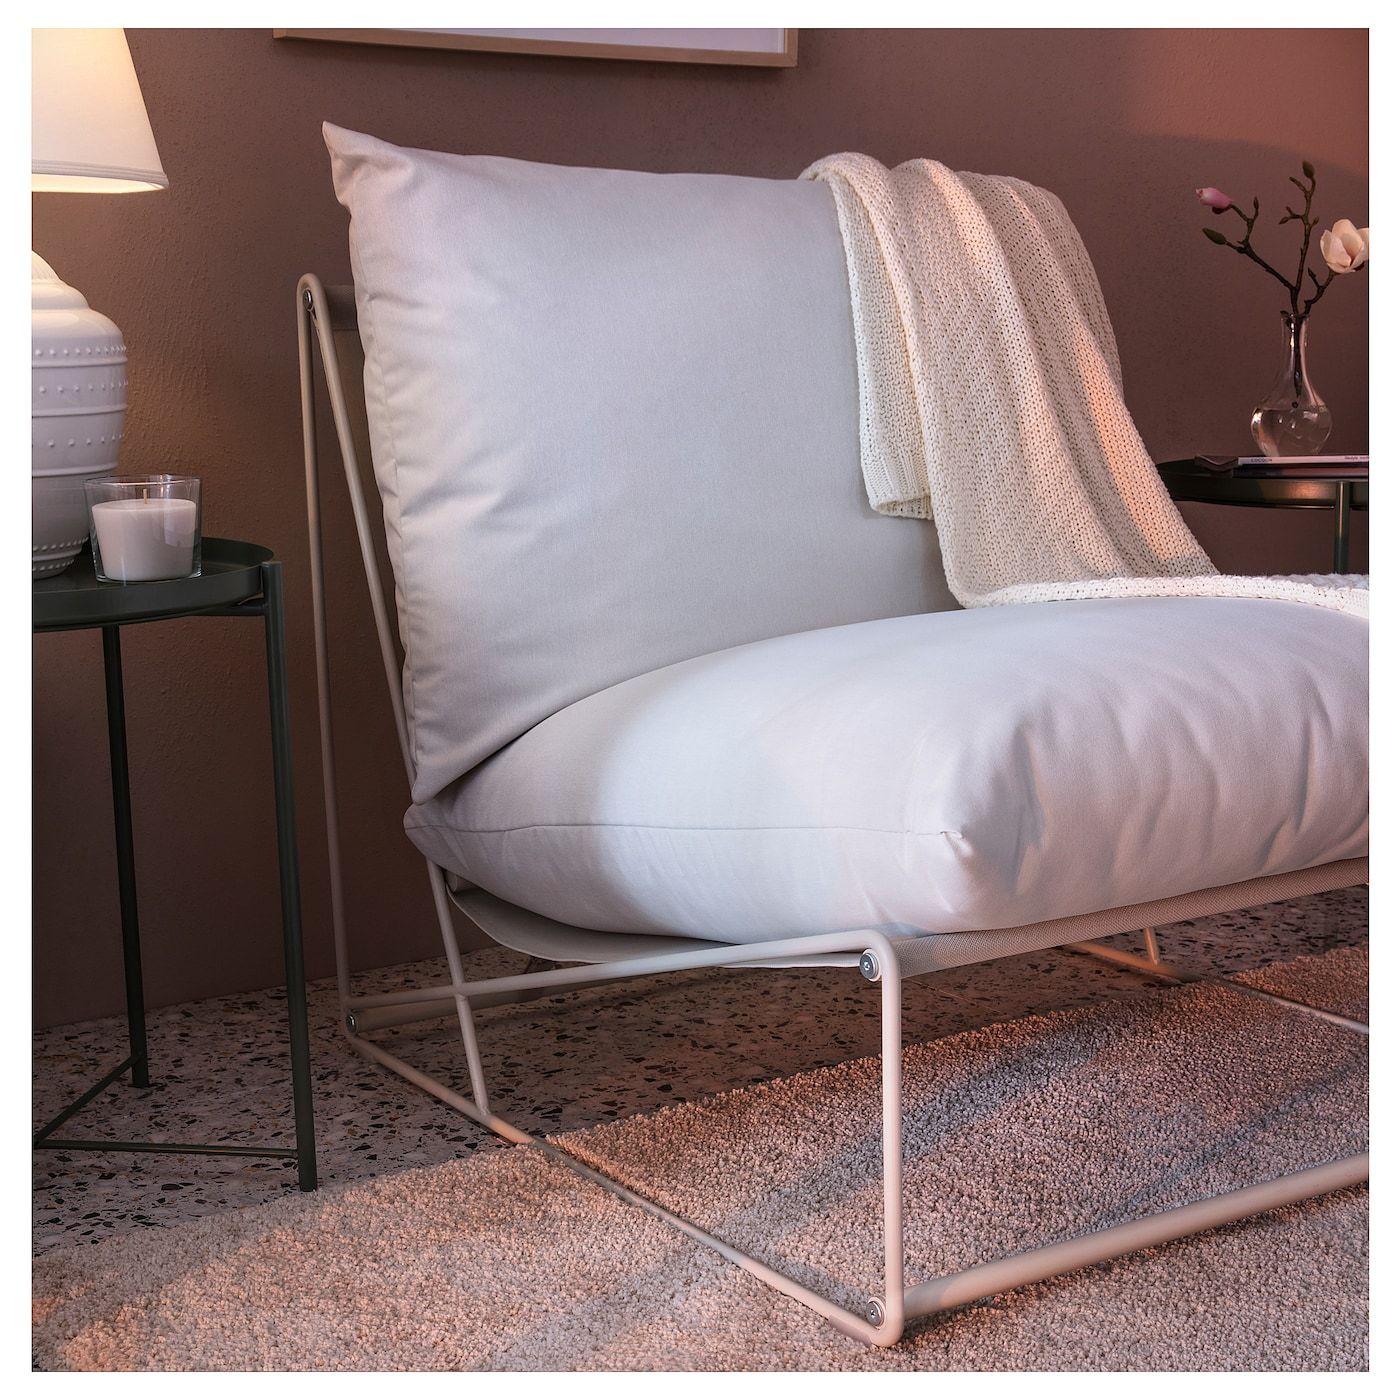 Havsten Chair In Outdoor Beige 32 5 8x37x35 3 8 In 2020